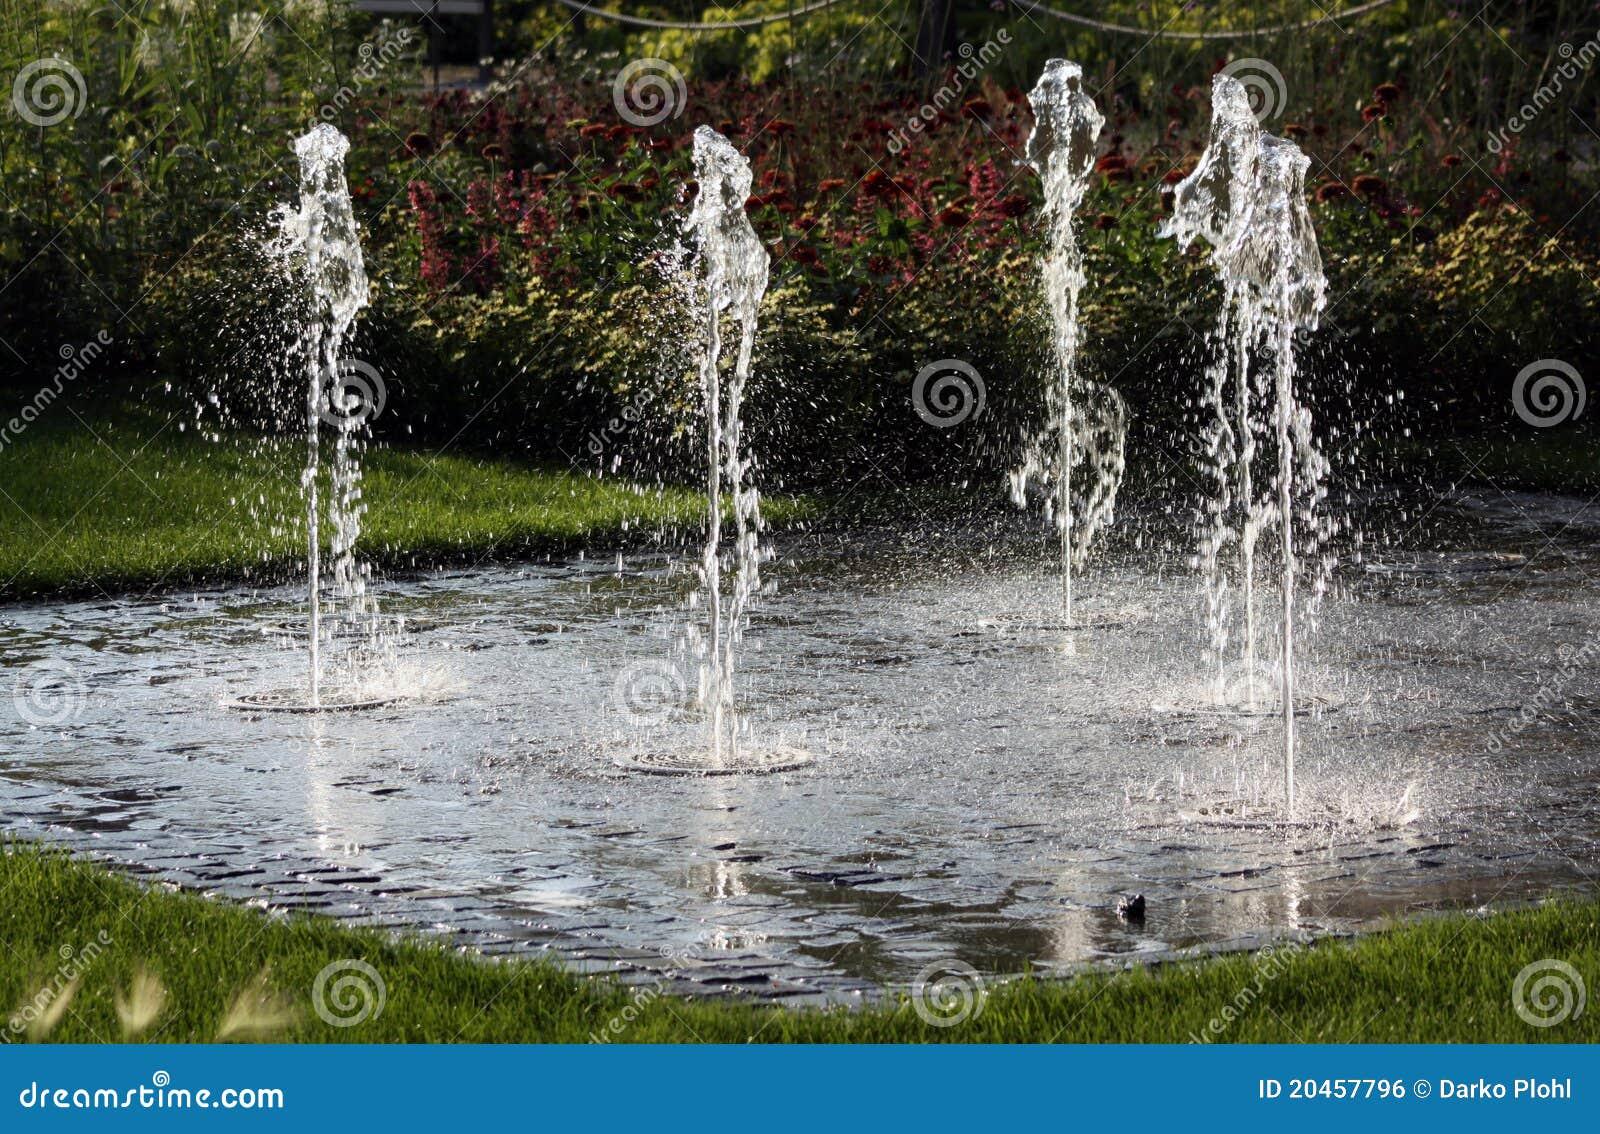 Water play garden fountain